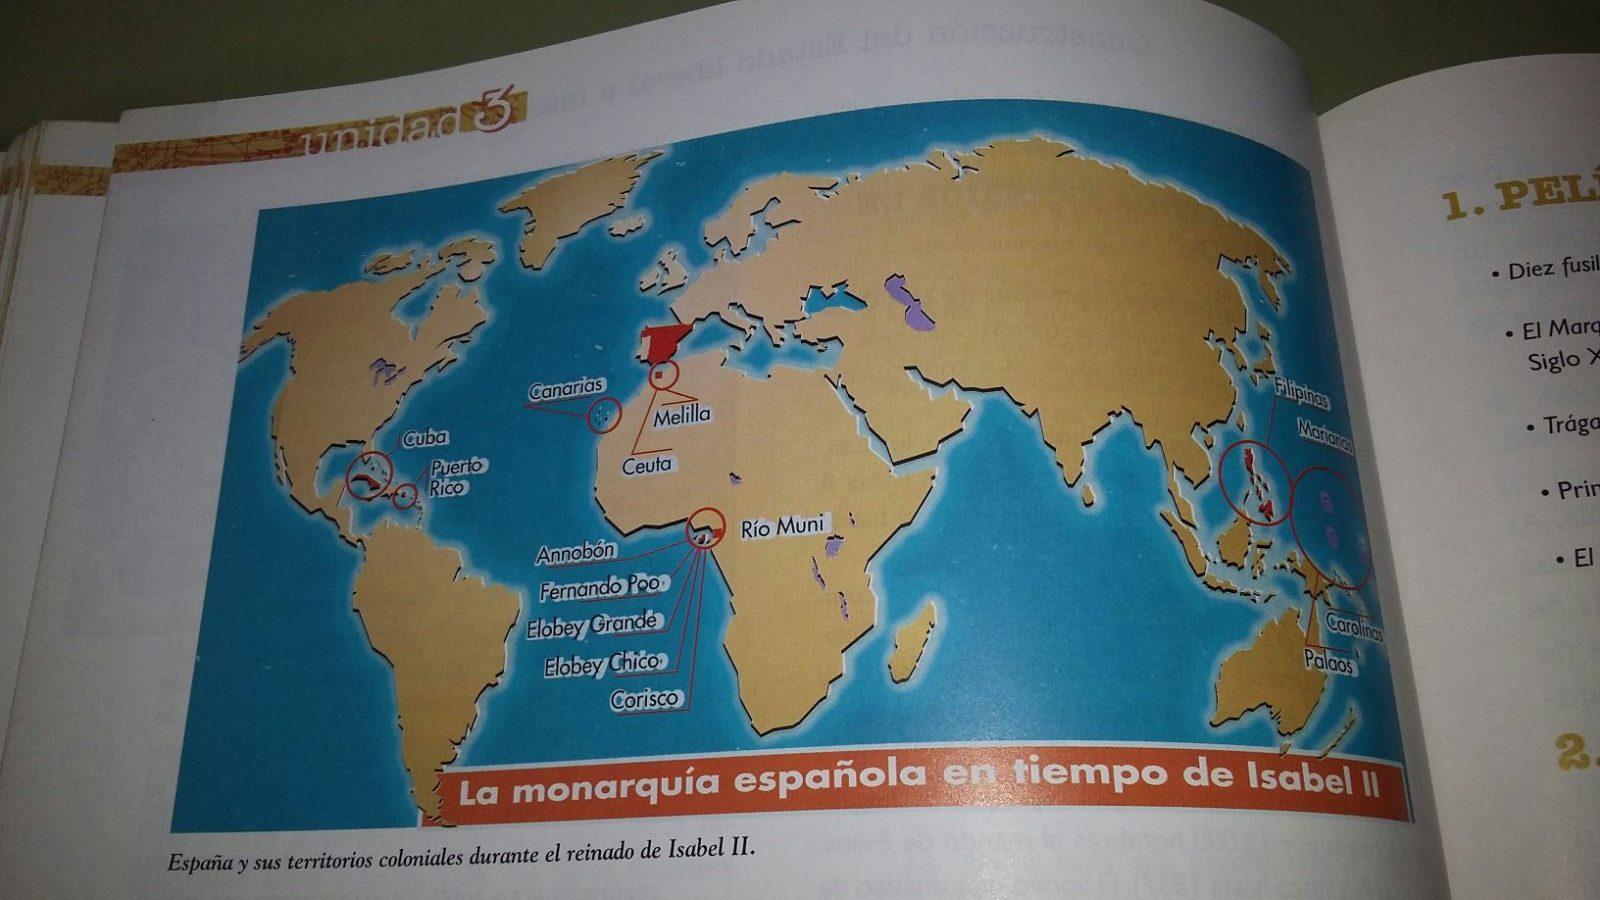 Territorios coloniales españoles en el reinado de Isabel II